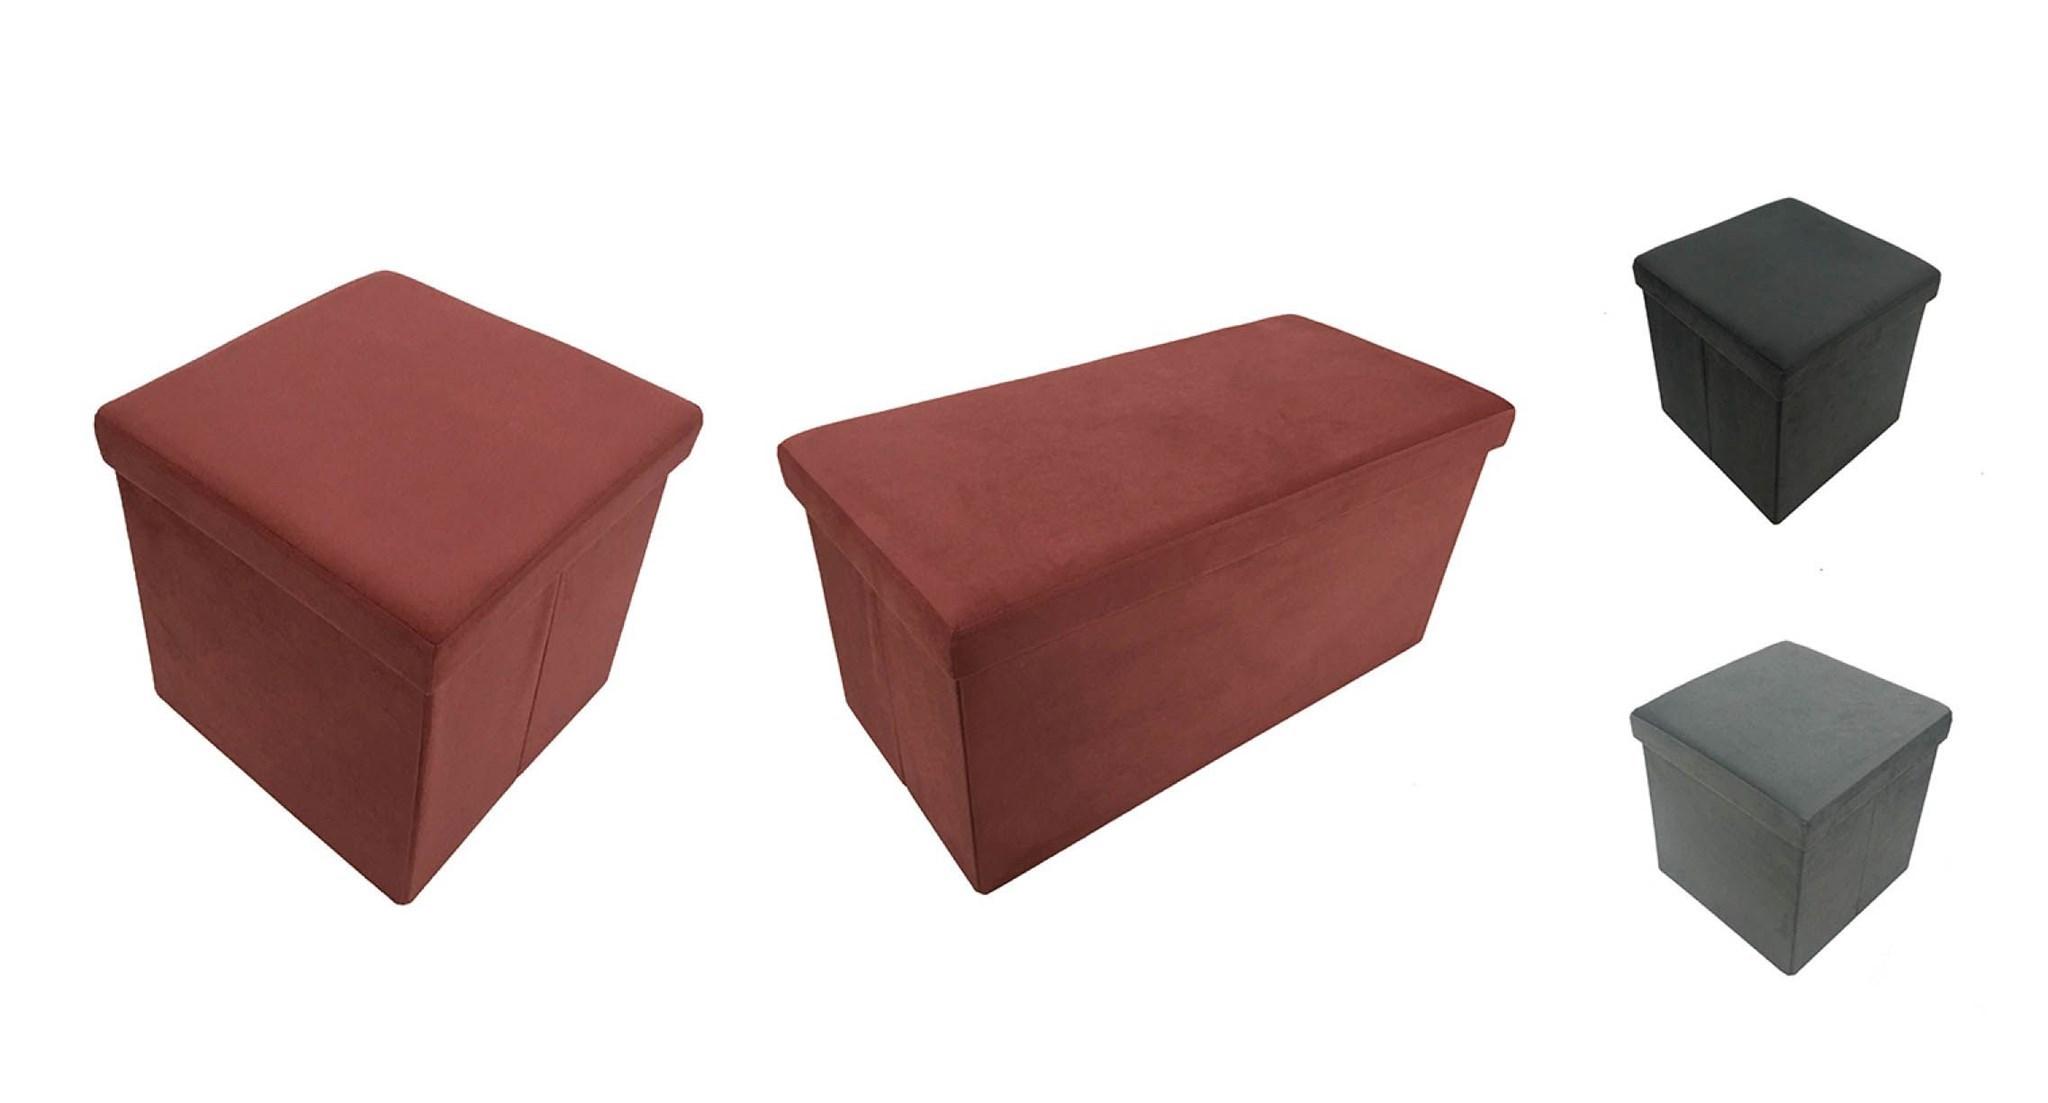 U-f/örmiges mattschwarzes Schmiedeeisengel/änder SONGTING Ottomans 1-stufiges Treppengel/änder mit Montagesatz Innen- und Au/ßentreppengel/änder